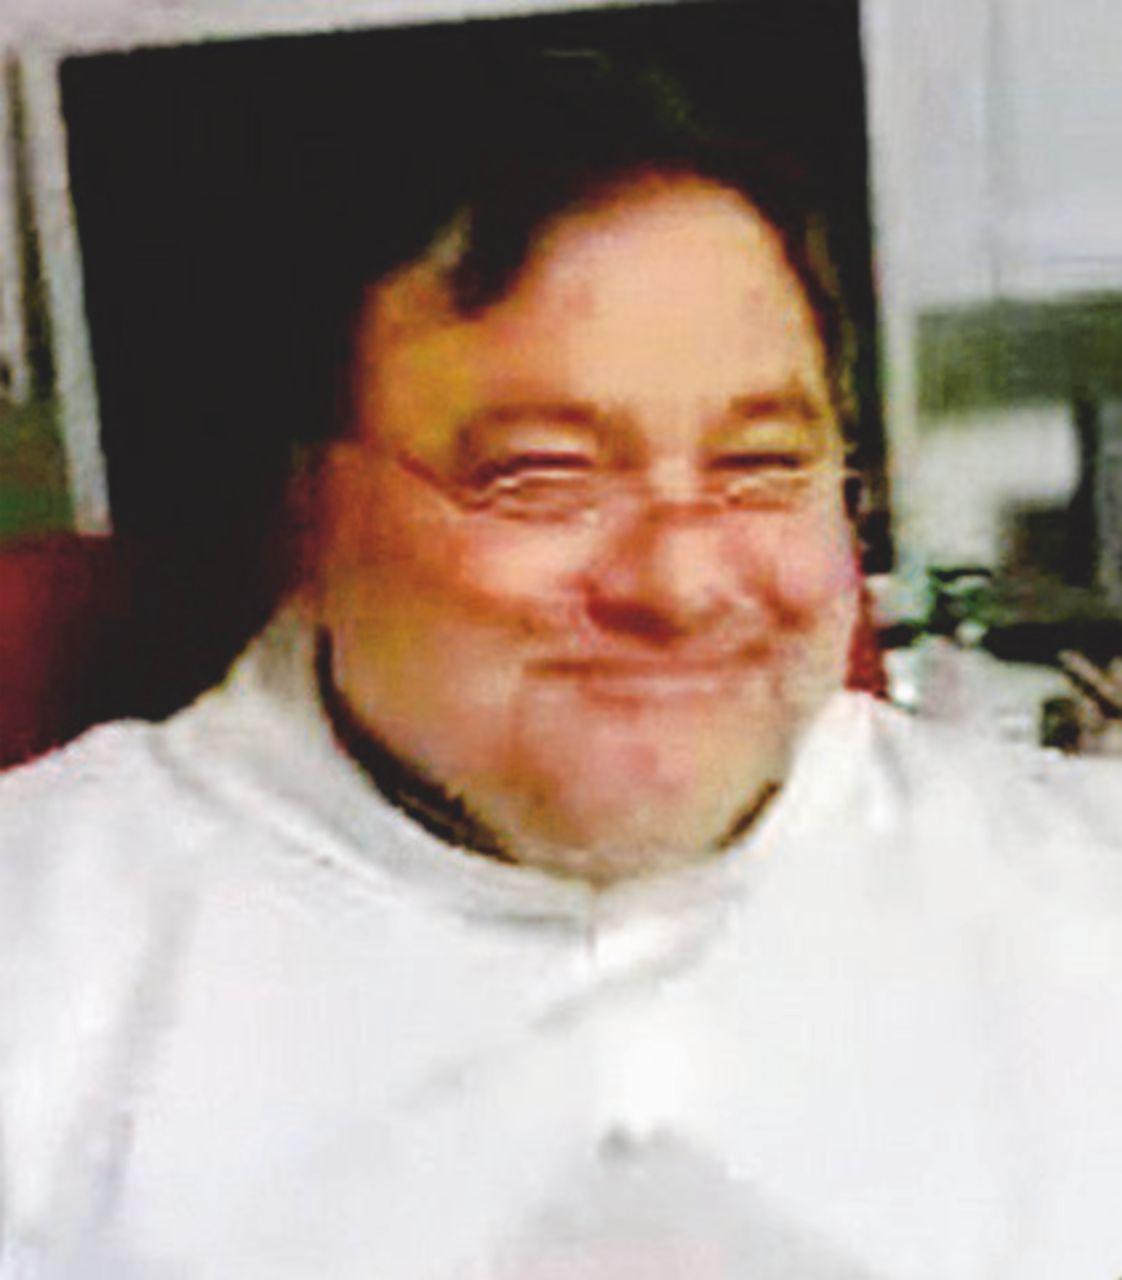 Il prete pedofilo scappa in taxi e va a Milano